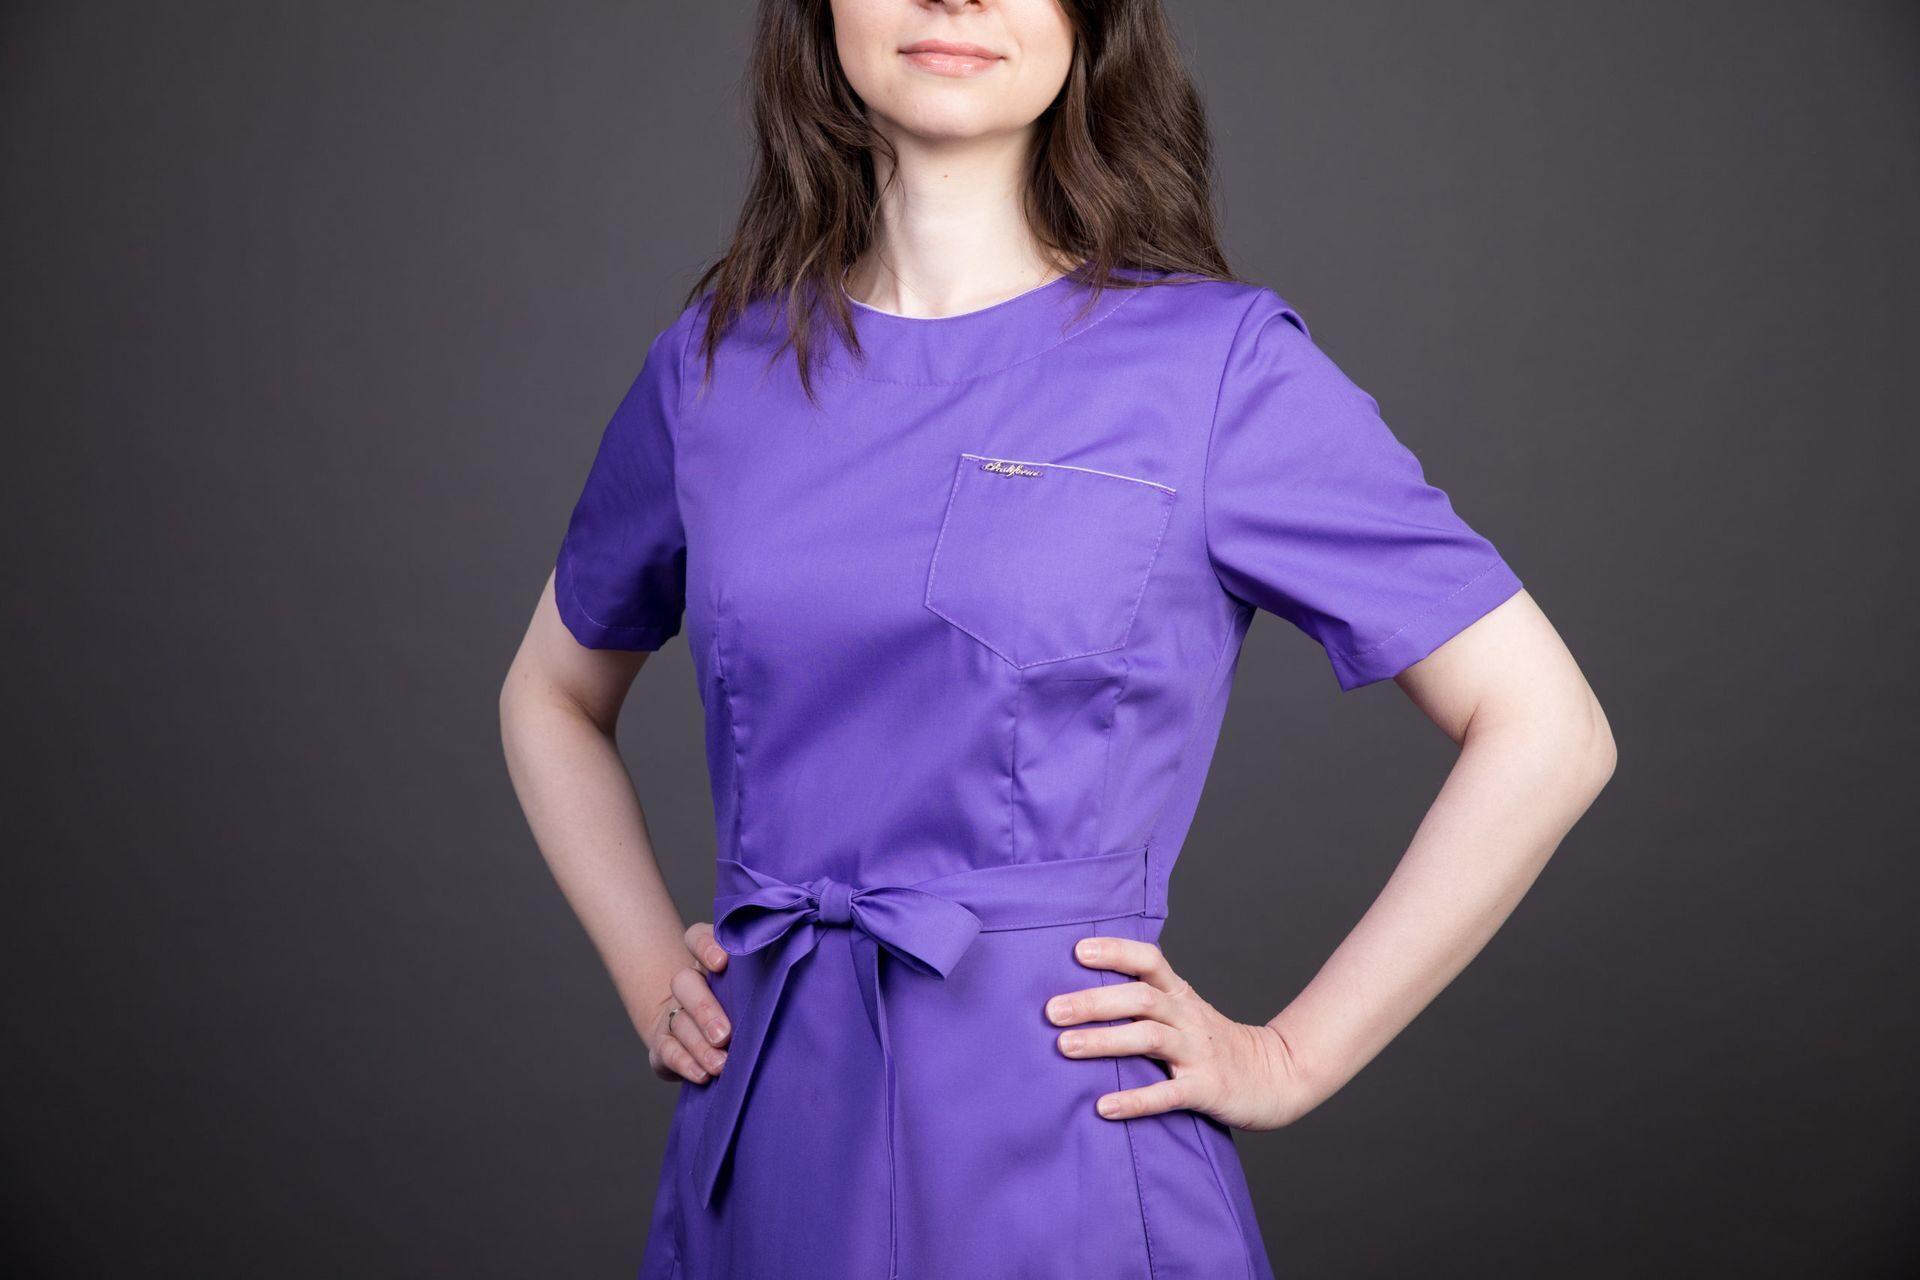 мед одежда модный доктор